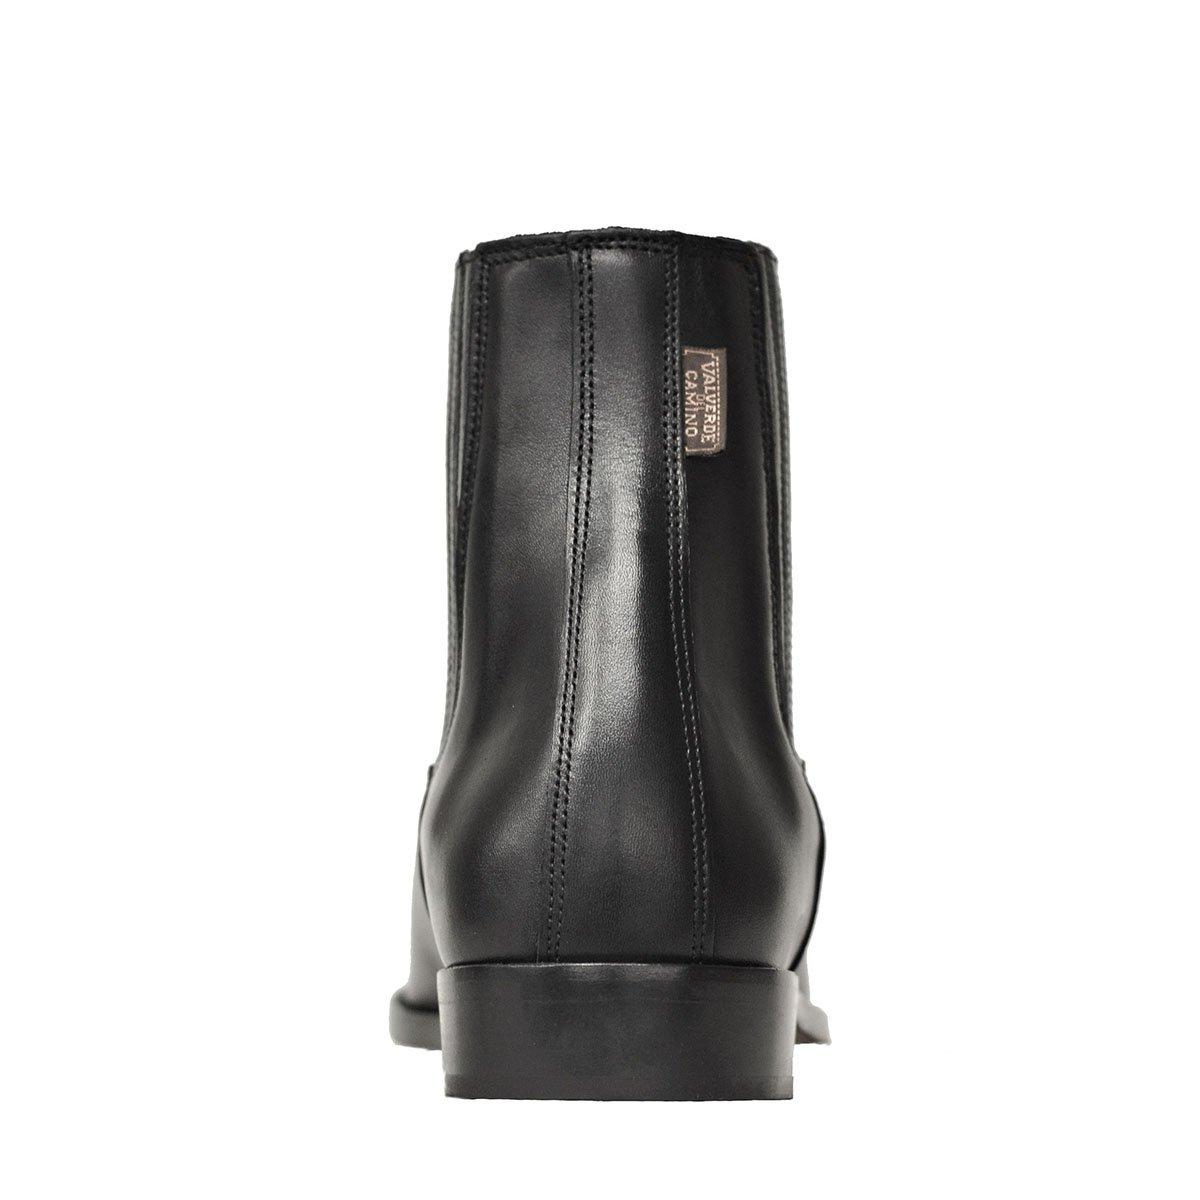 515TE Botas y Botines Piel Negro para Hombre y Mujer Chelsea clásica elástico Valverde del Camino: Amazon.es: Zapatos y complementos